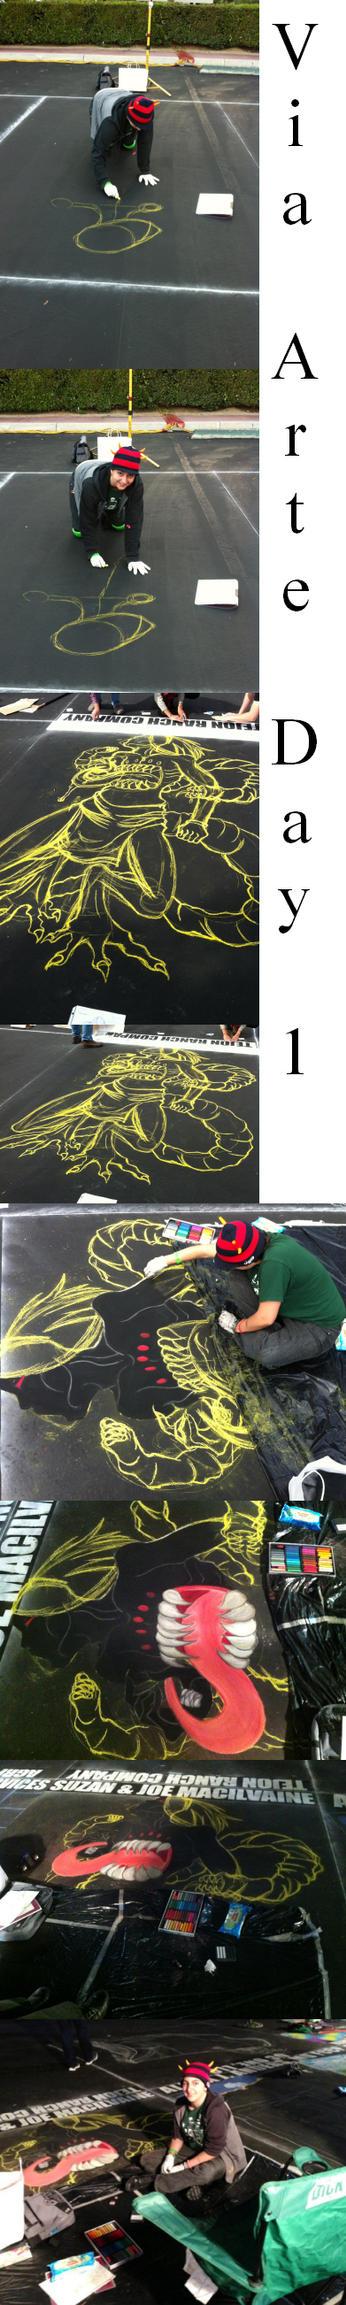 Via arte day 1 by hell-kill